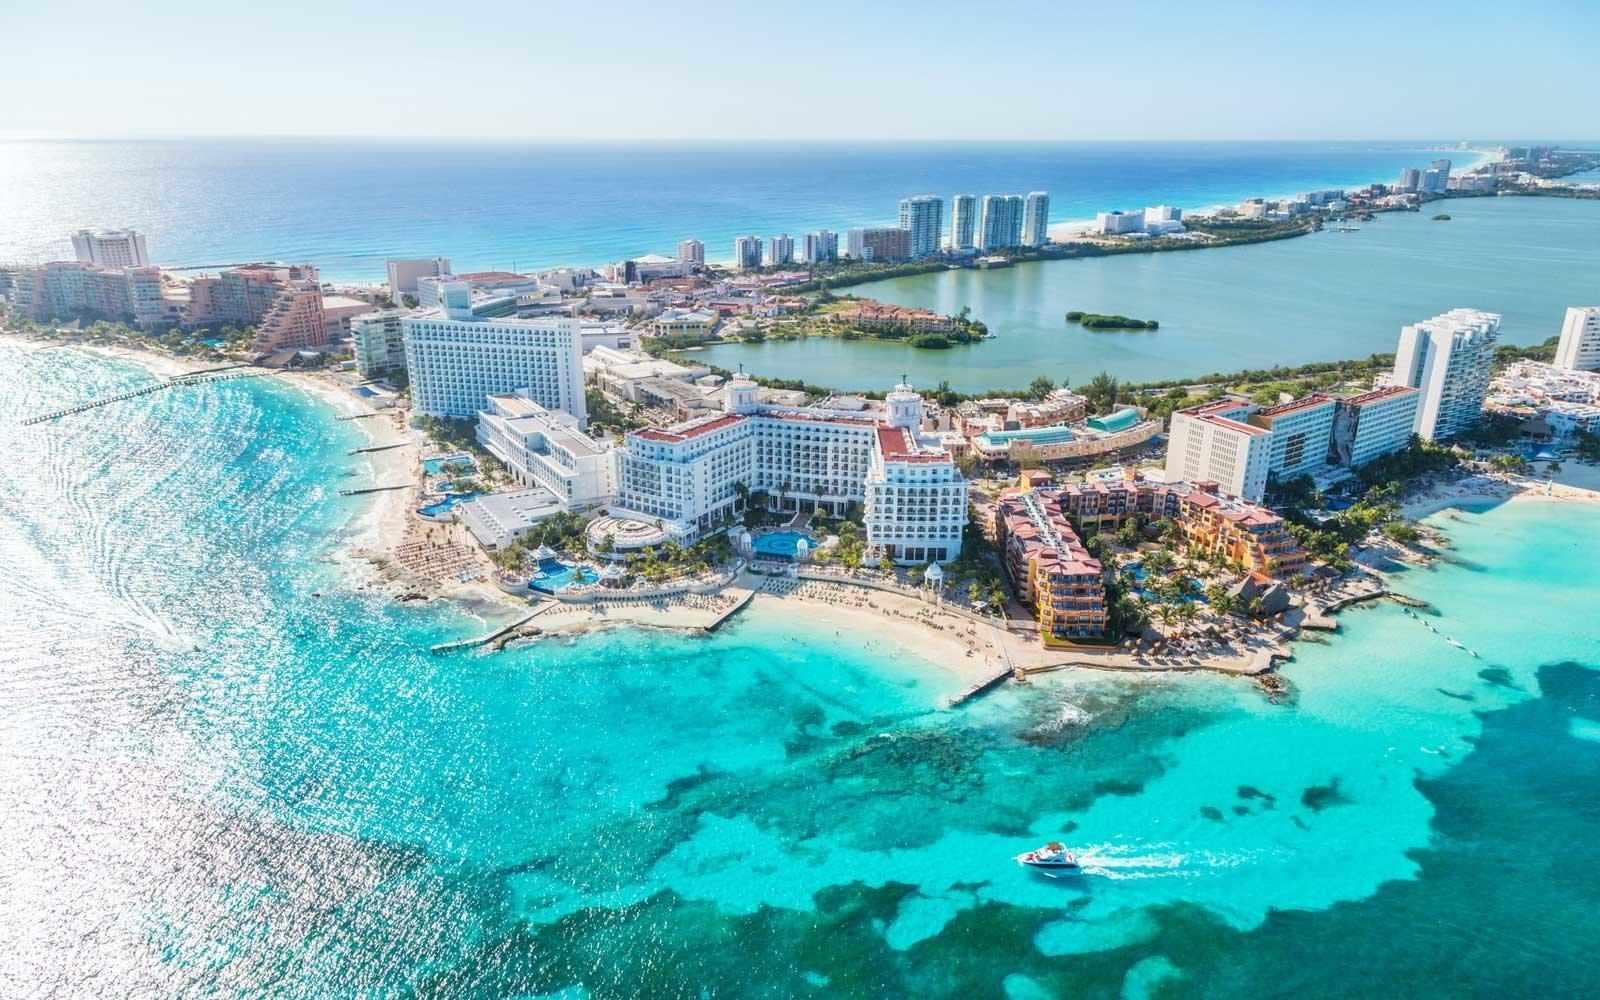 Il lavoro dei sogni: vivere 6 mesi ai Caraibi, spassartela, postare sui social e guadagnare 60 mila dollari